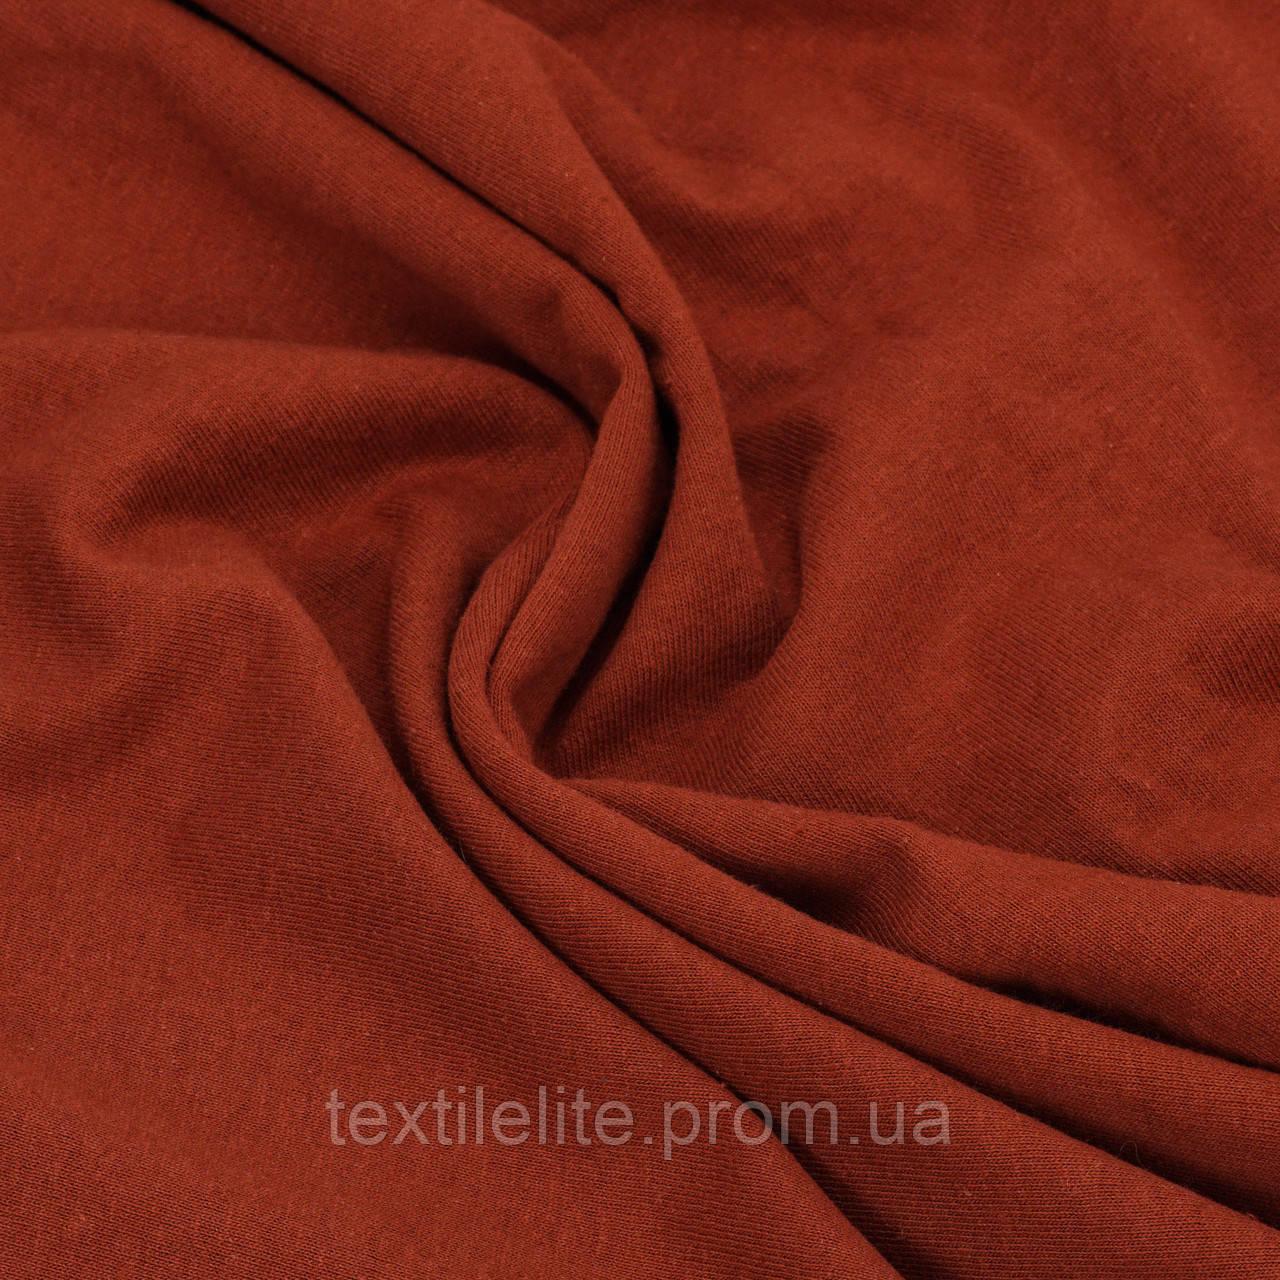 Кулирка терракотовый цвет оптом в рулонах, хлопок 100%, Турция